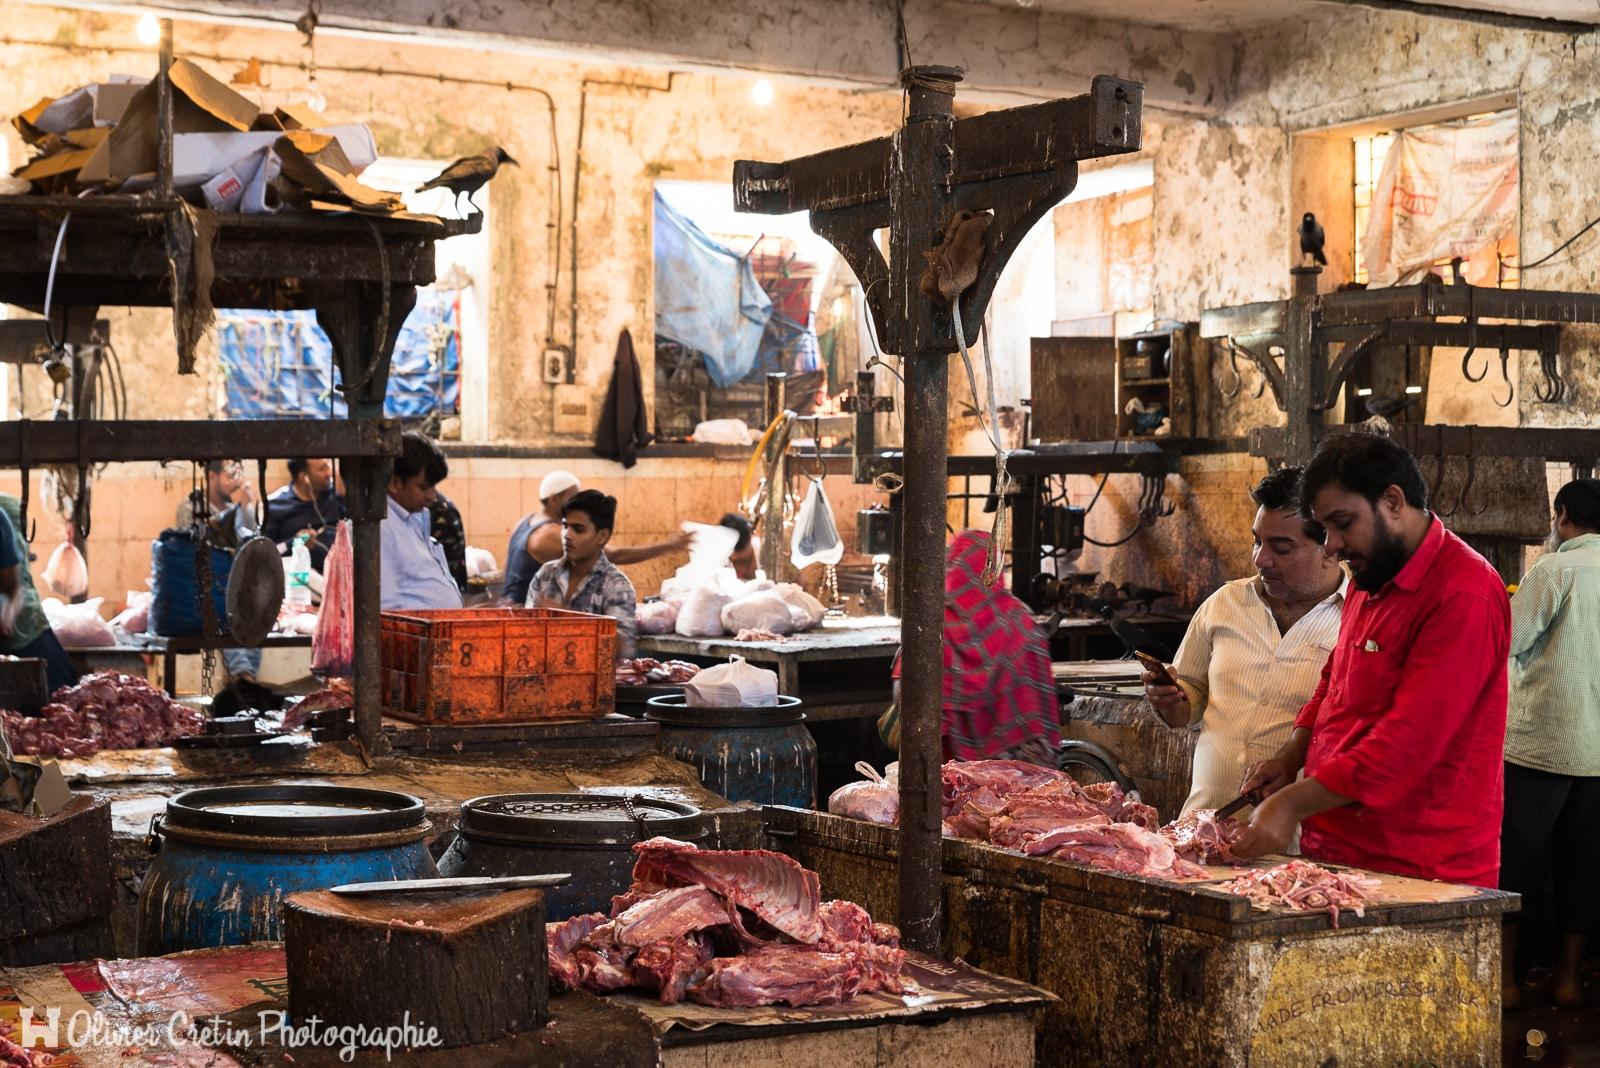 Inde - Mumbai - La fameuse hygiène indienne au Crawford market